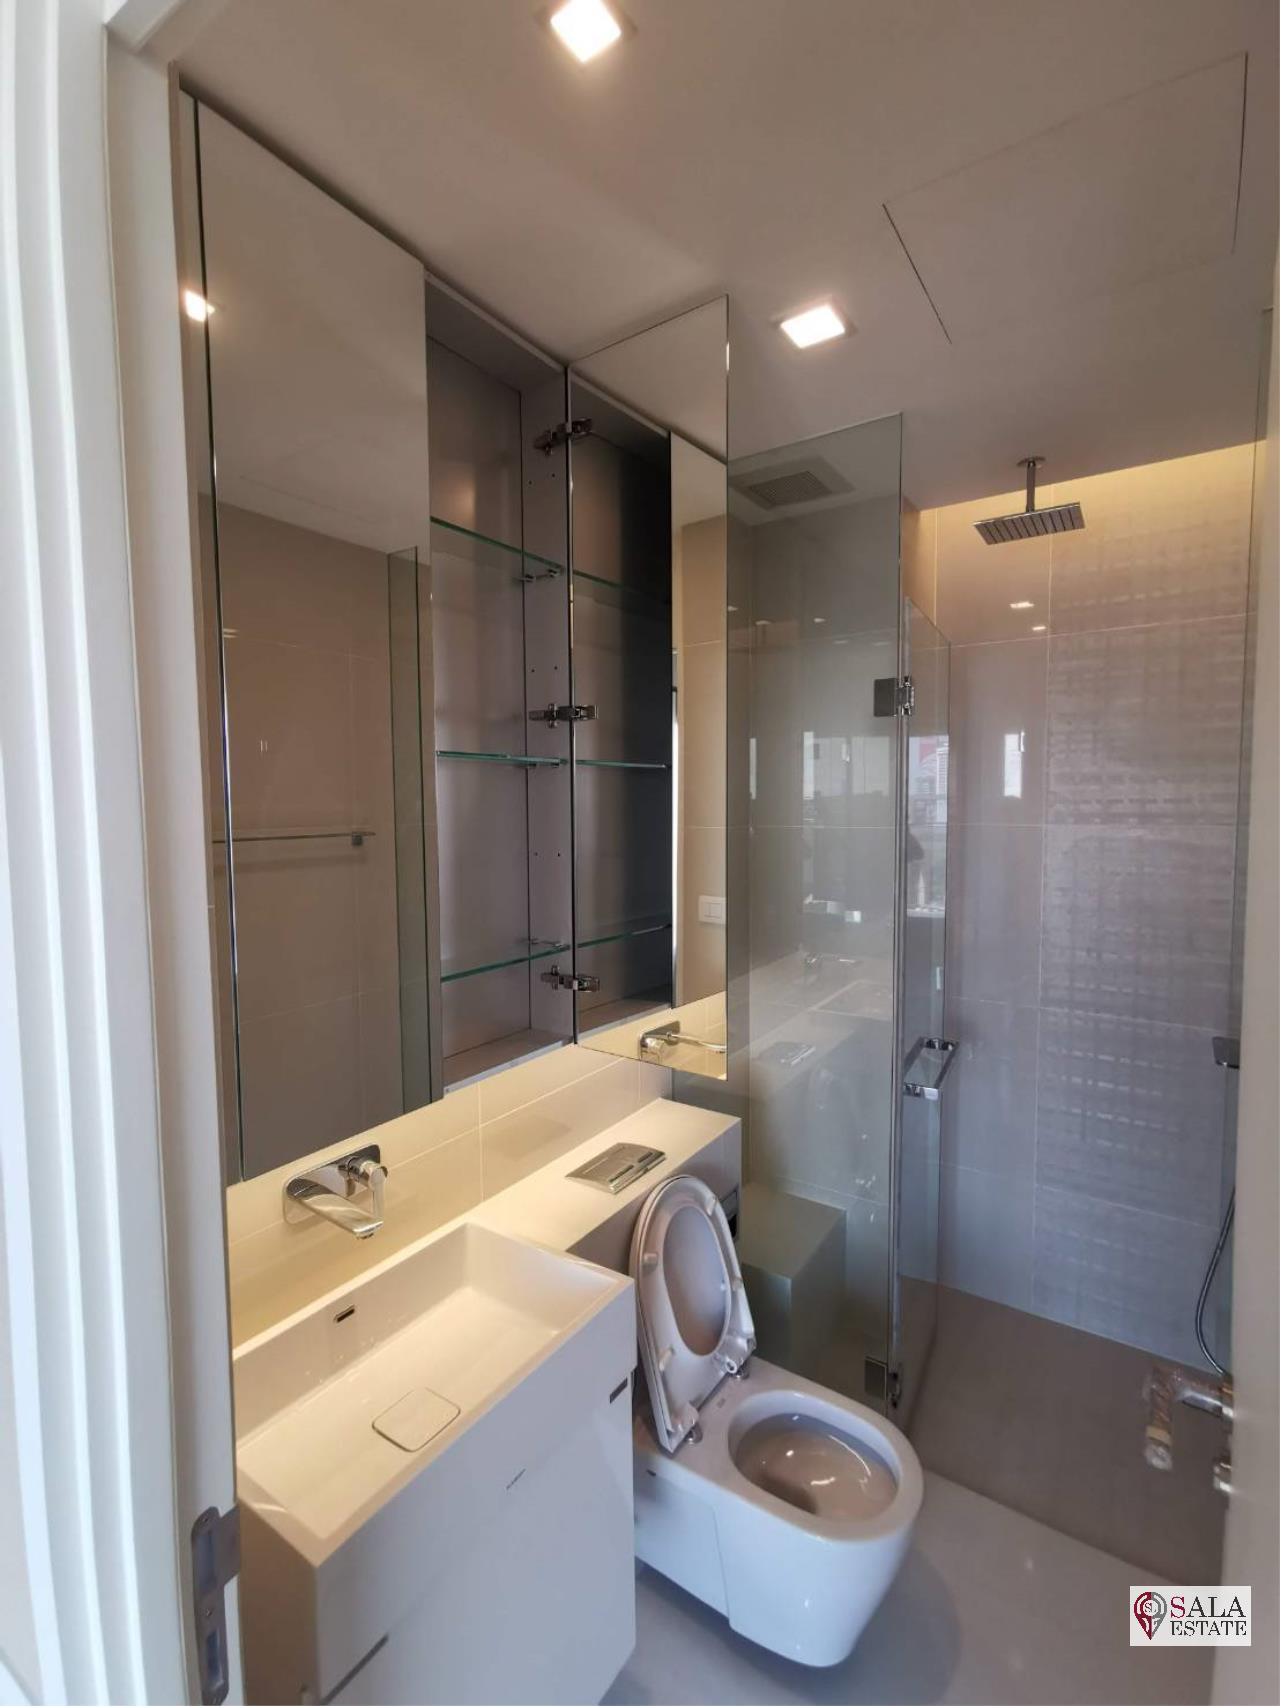 SALA ESTATE Agency's (FOR RENT) THE SAINT RESIDENCES -MRT PHAHON YOTHIN 1 BEDROOM 1 BATHROOM 8